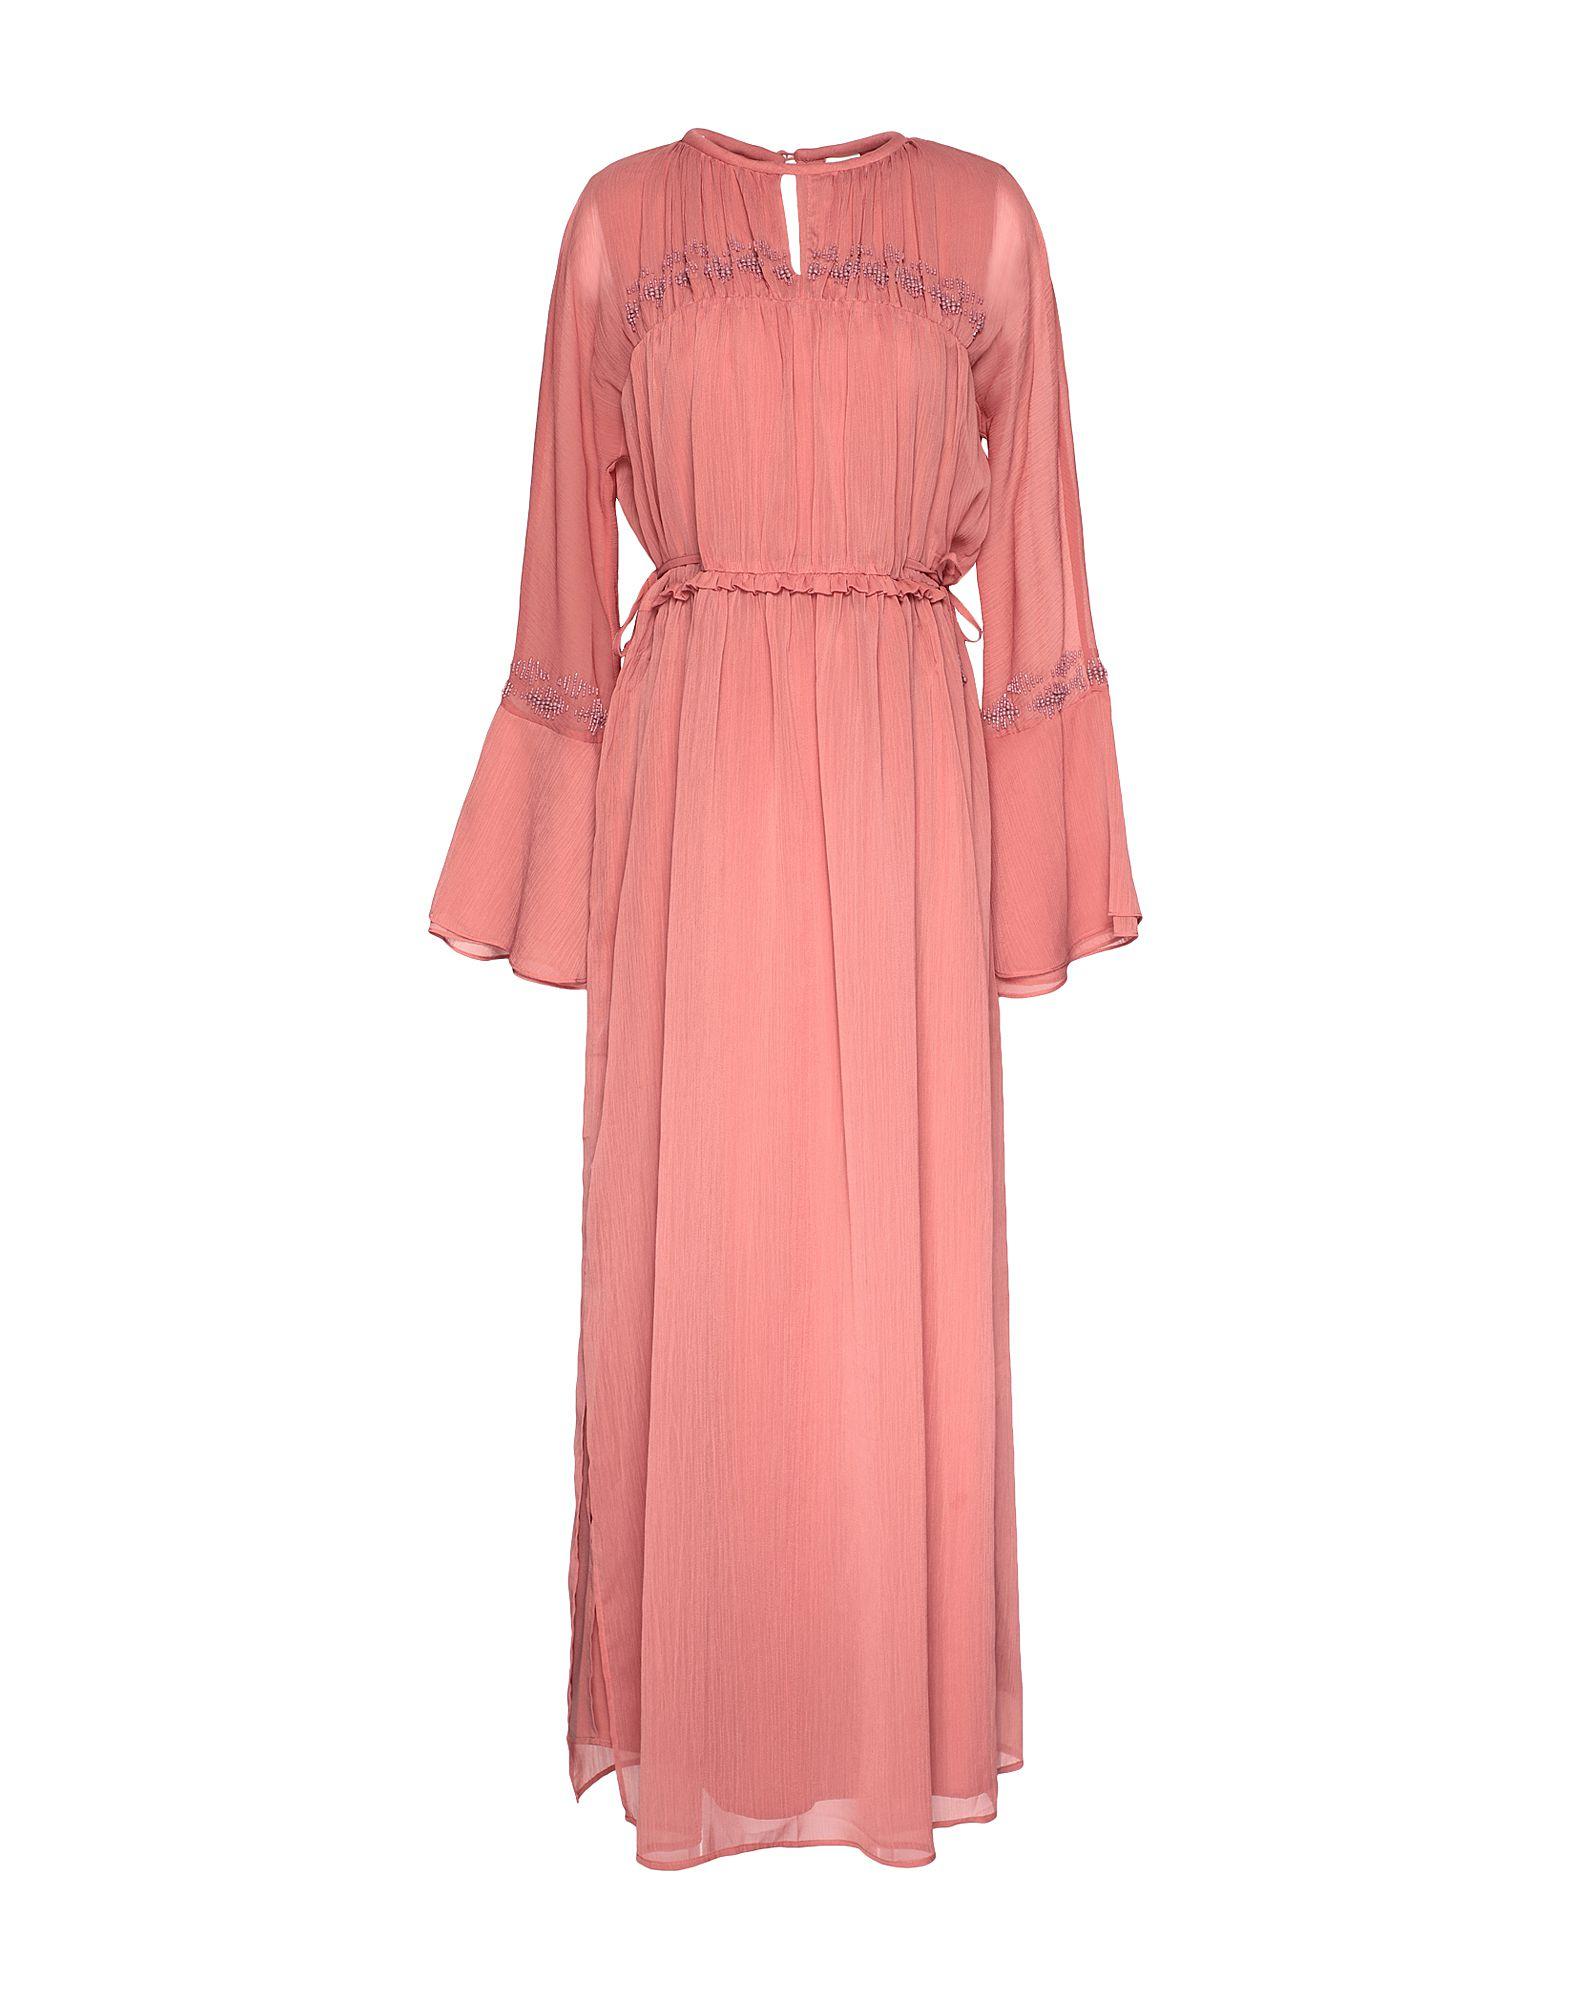 Красивое платье с шифоном в пол фото